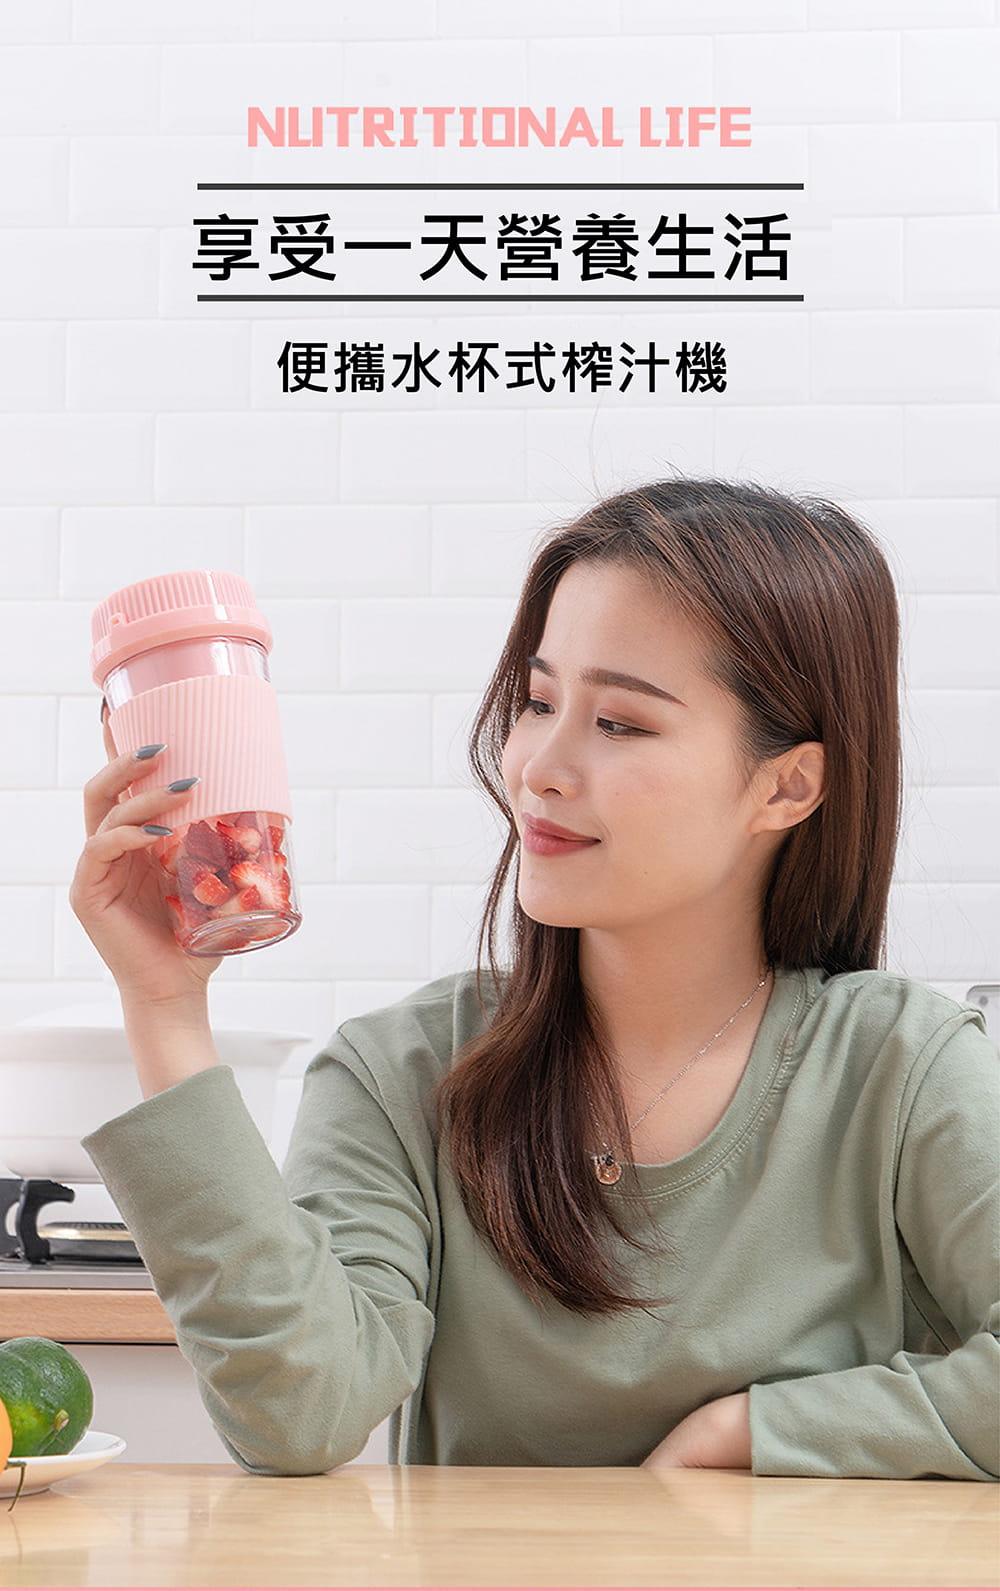 【英才星】隨身電動杯裝果汁榨汁機 10